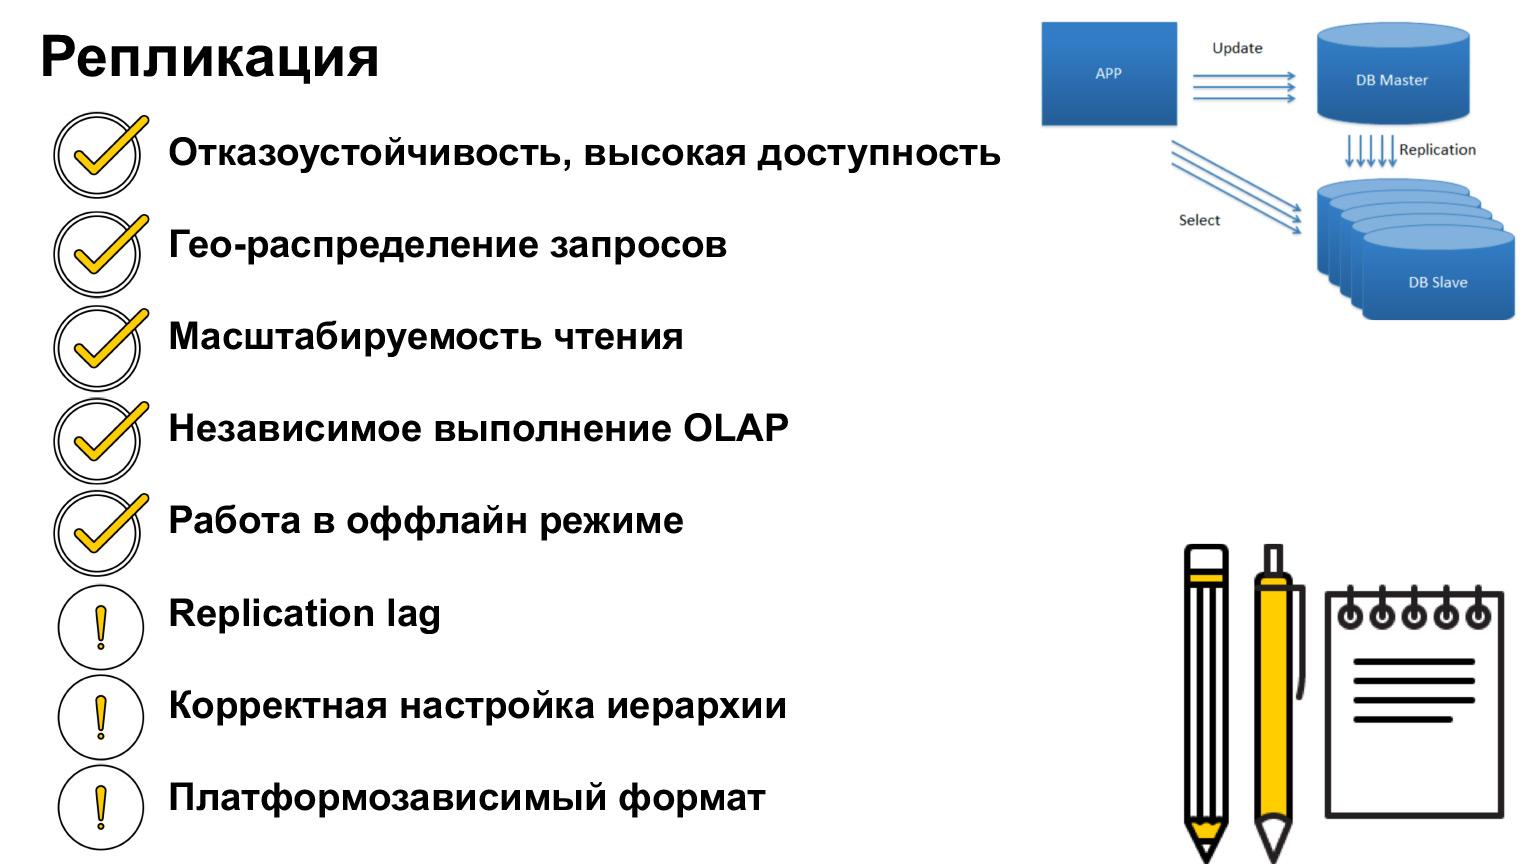 Базы данных: большой обзор типов и подходов. Доклад Яндекса - 37